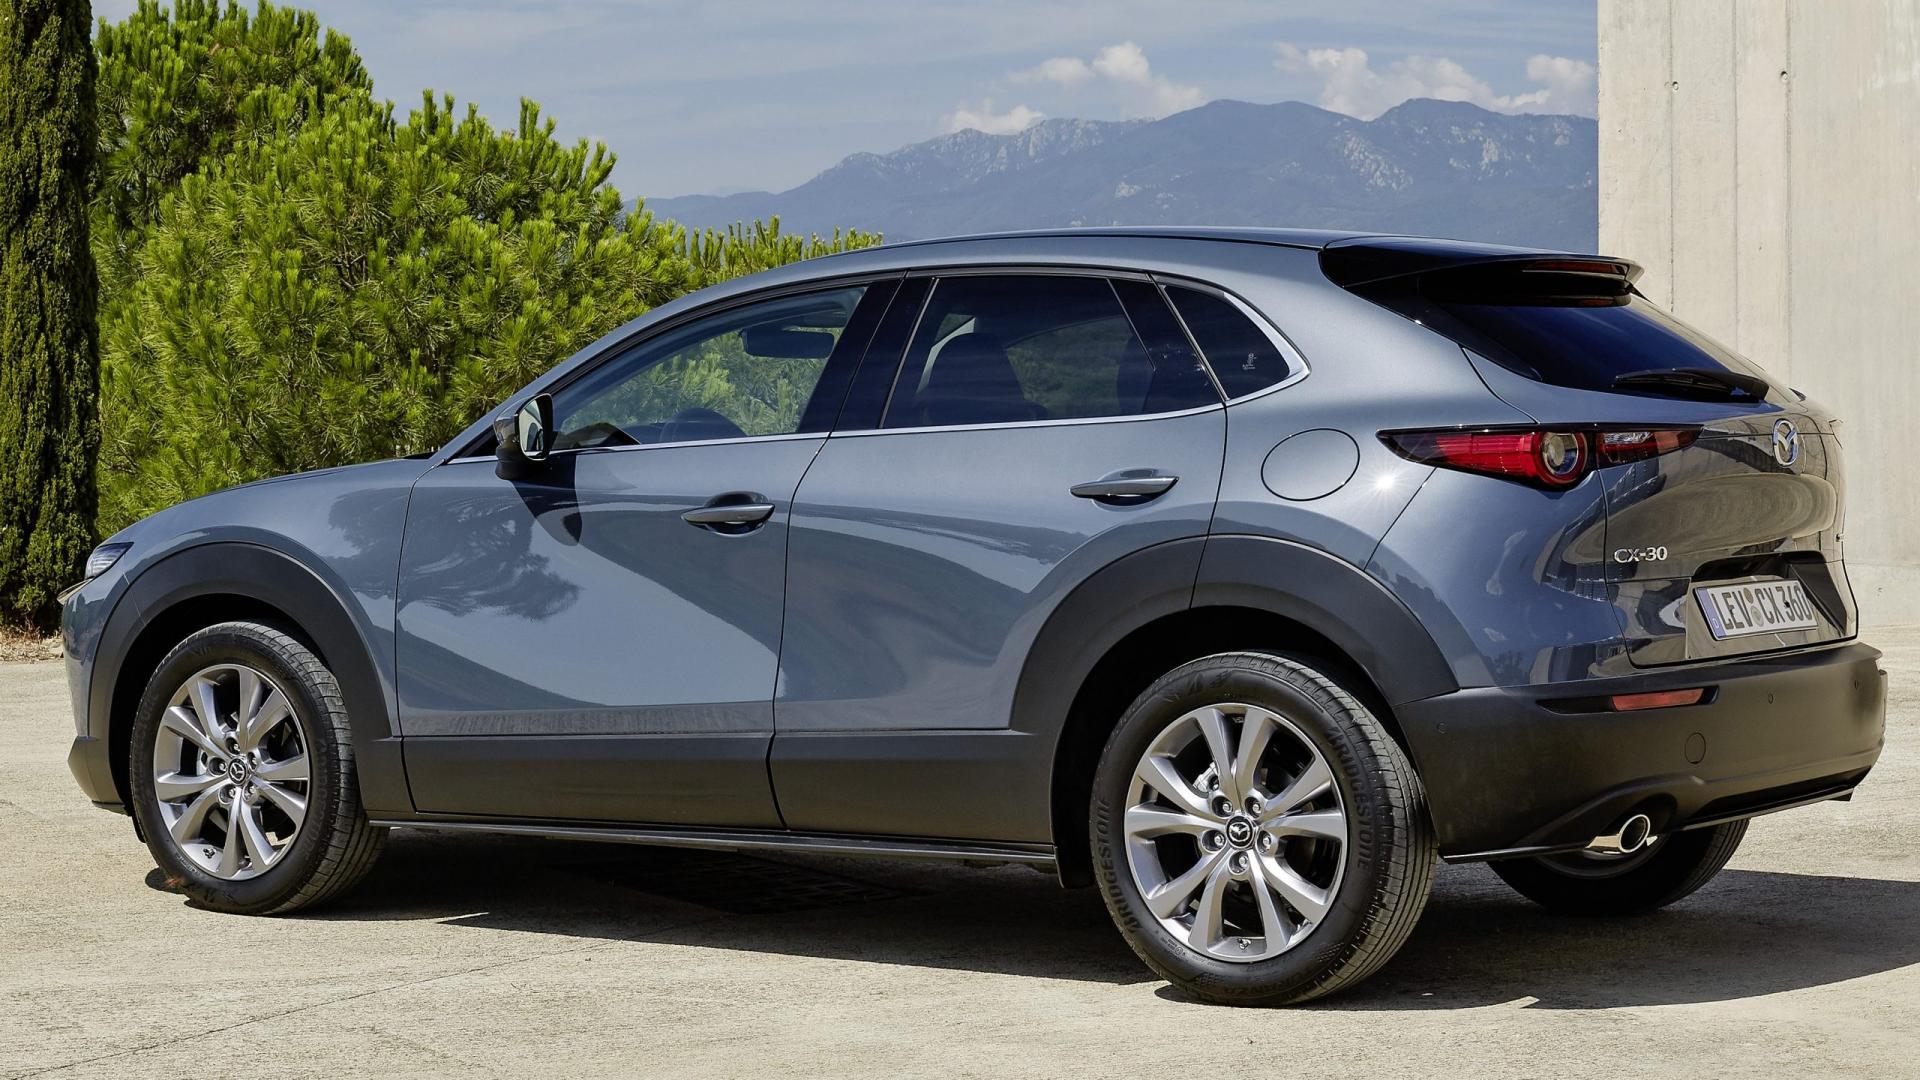 Mazda CX-30 2019 drie kwart achter